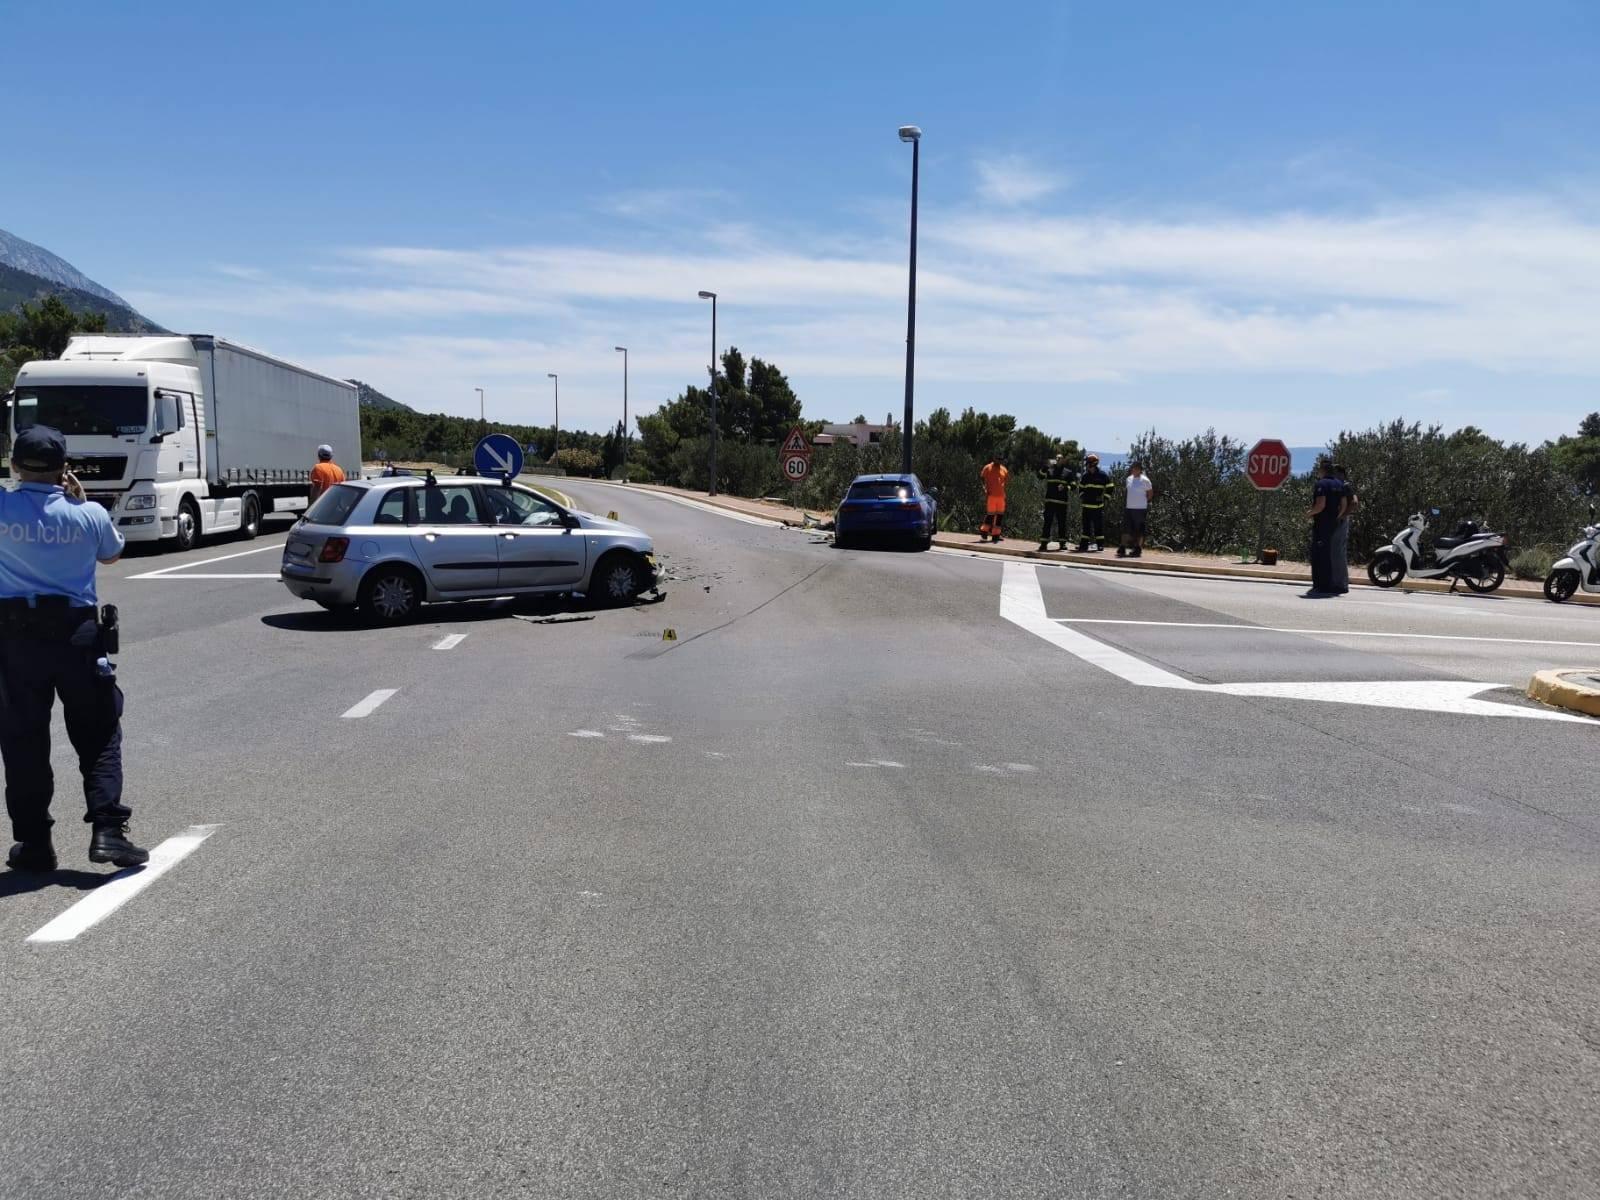 Nakon frontalnog sudara Audi stranih tablica odletio u stup